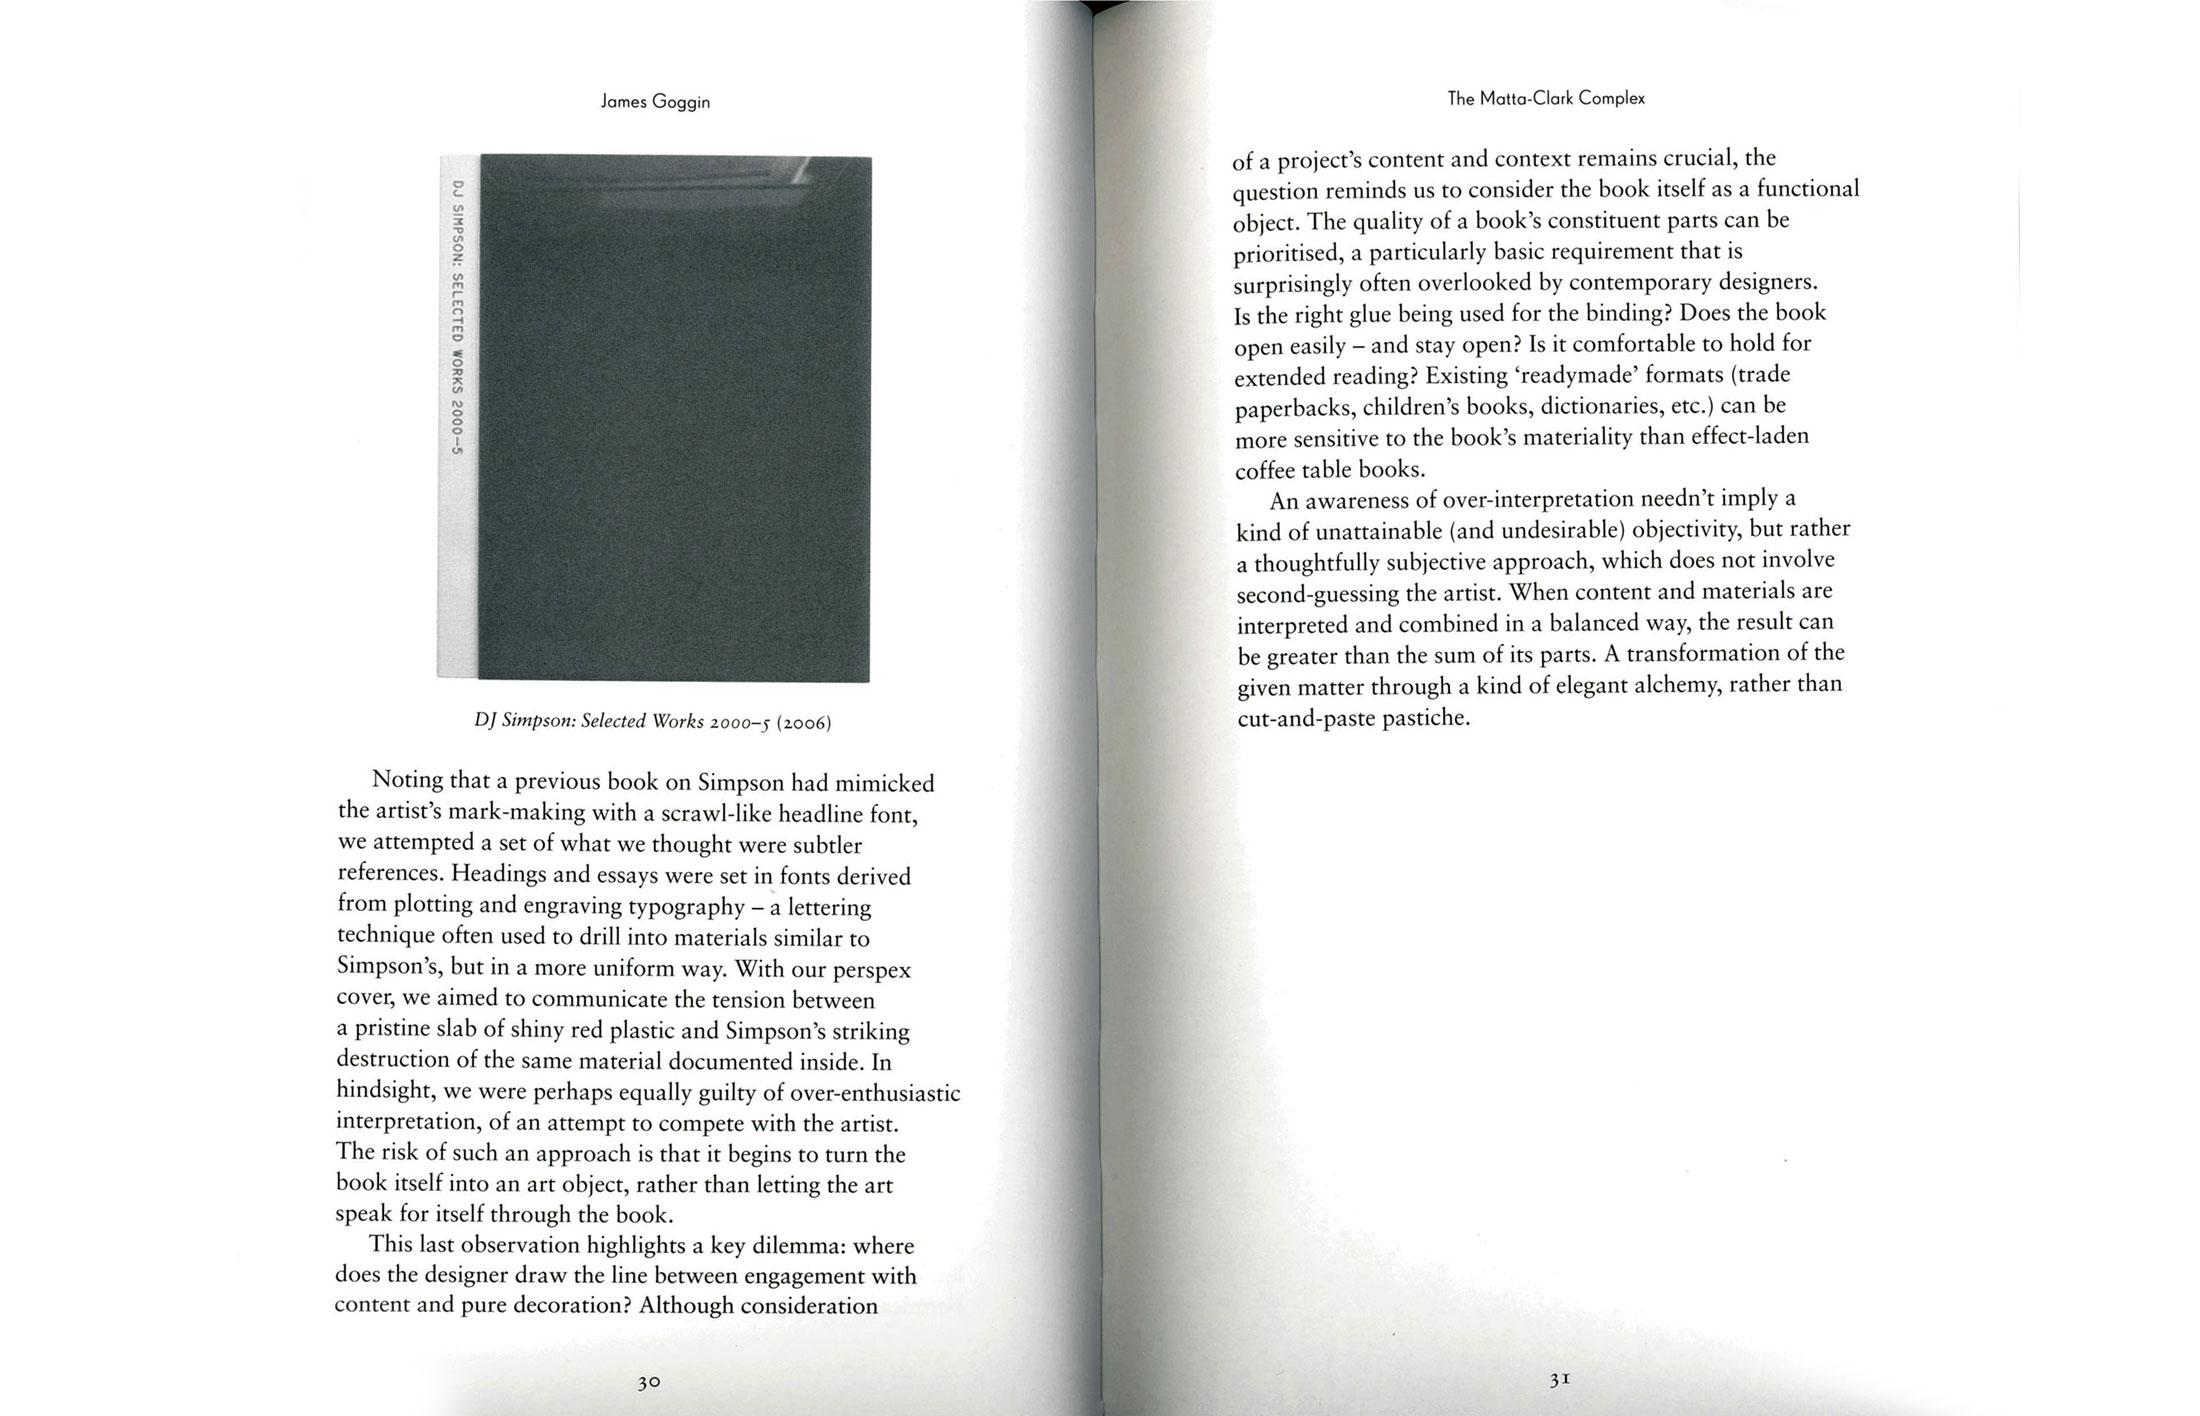 The-Matta-Clark-Complex-Materials-Interpretation-and-the-Designer-essai-James-Goggin-The-Form-of-the-Book-Book-5